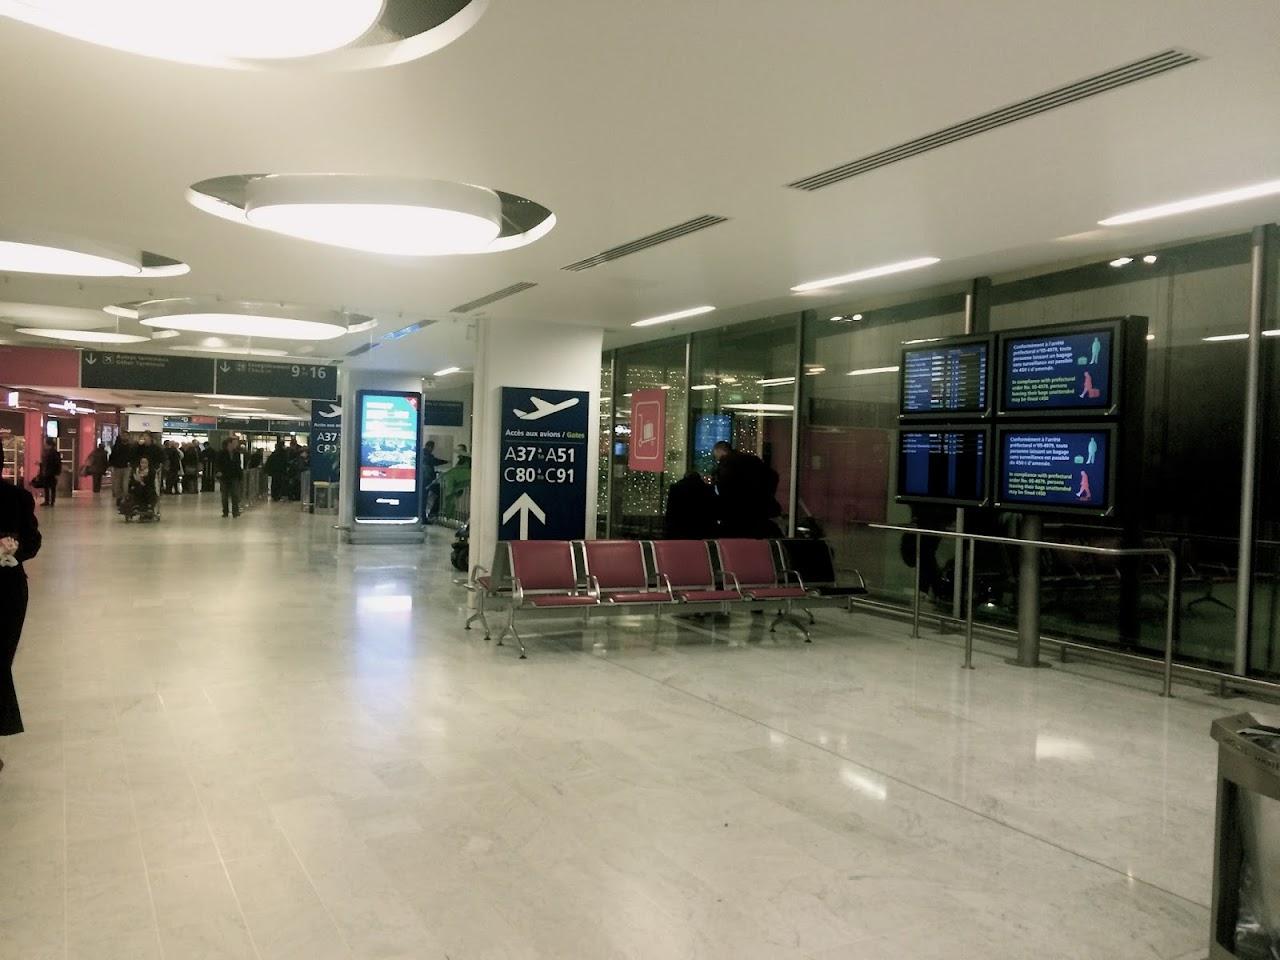 シャルル・ド・ゴール空港(Charles de Gaulle)